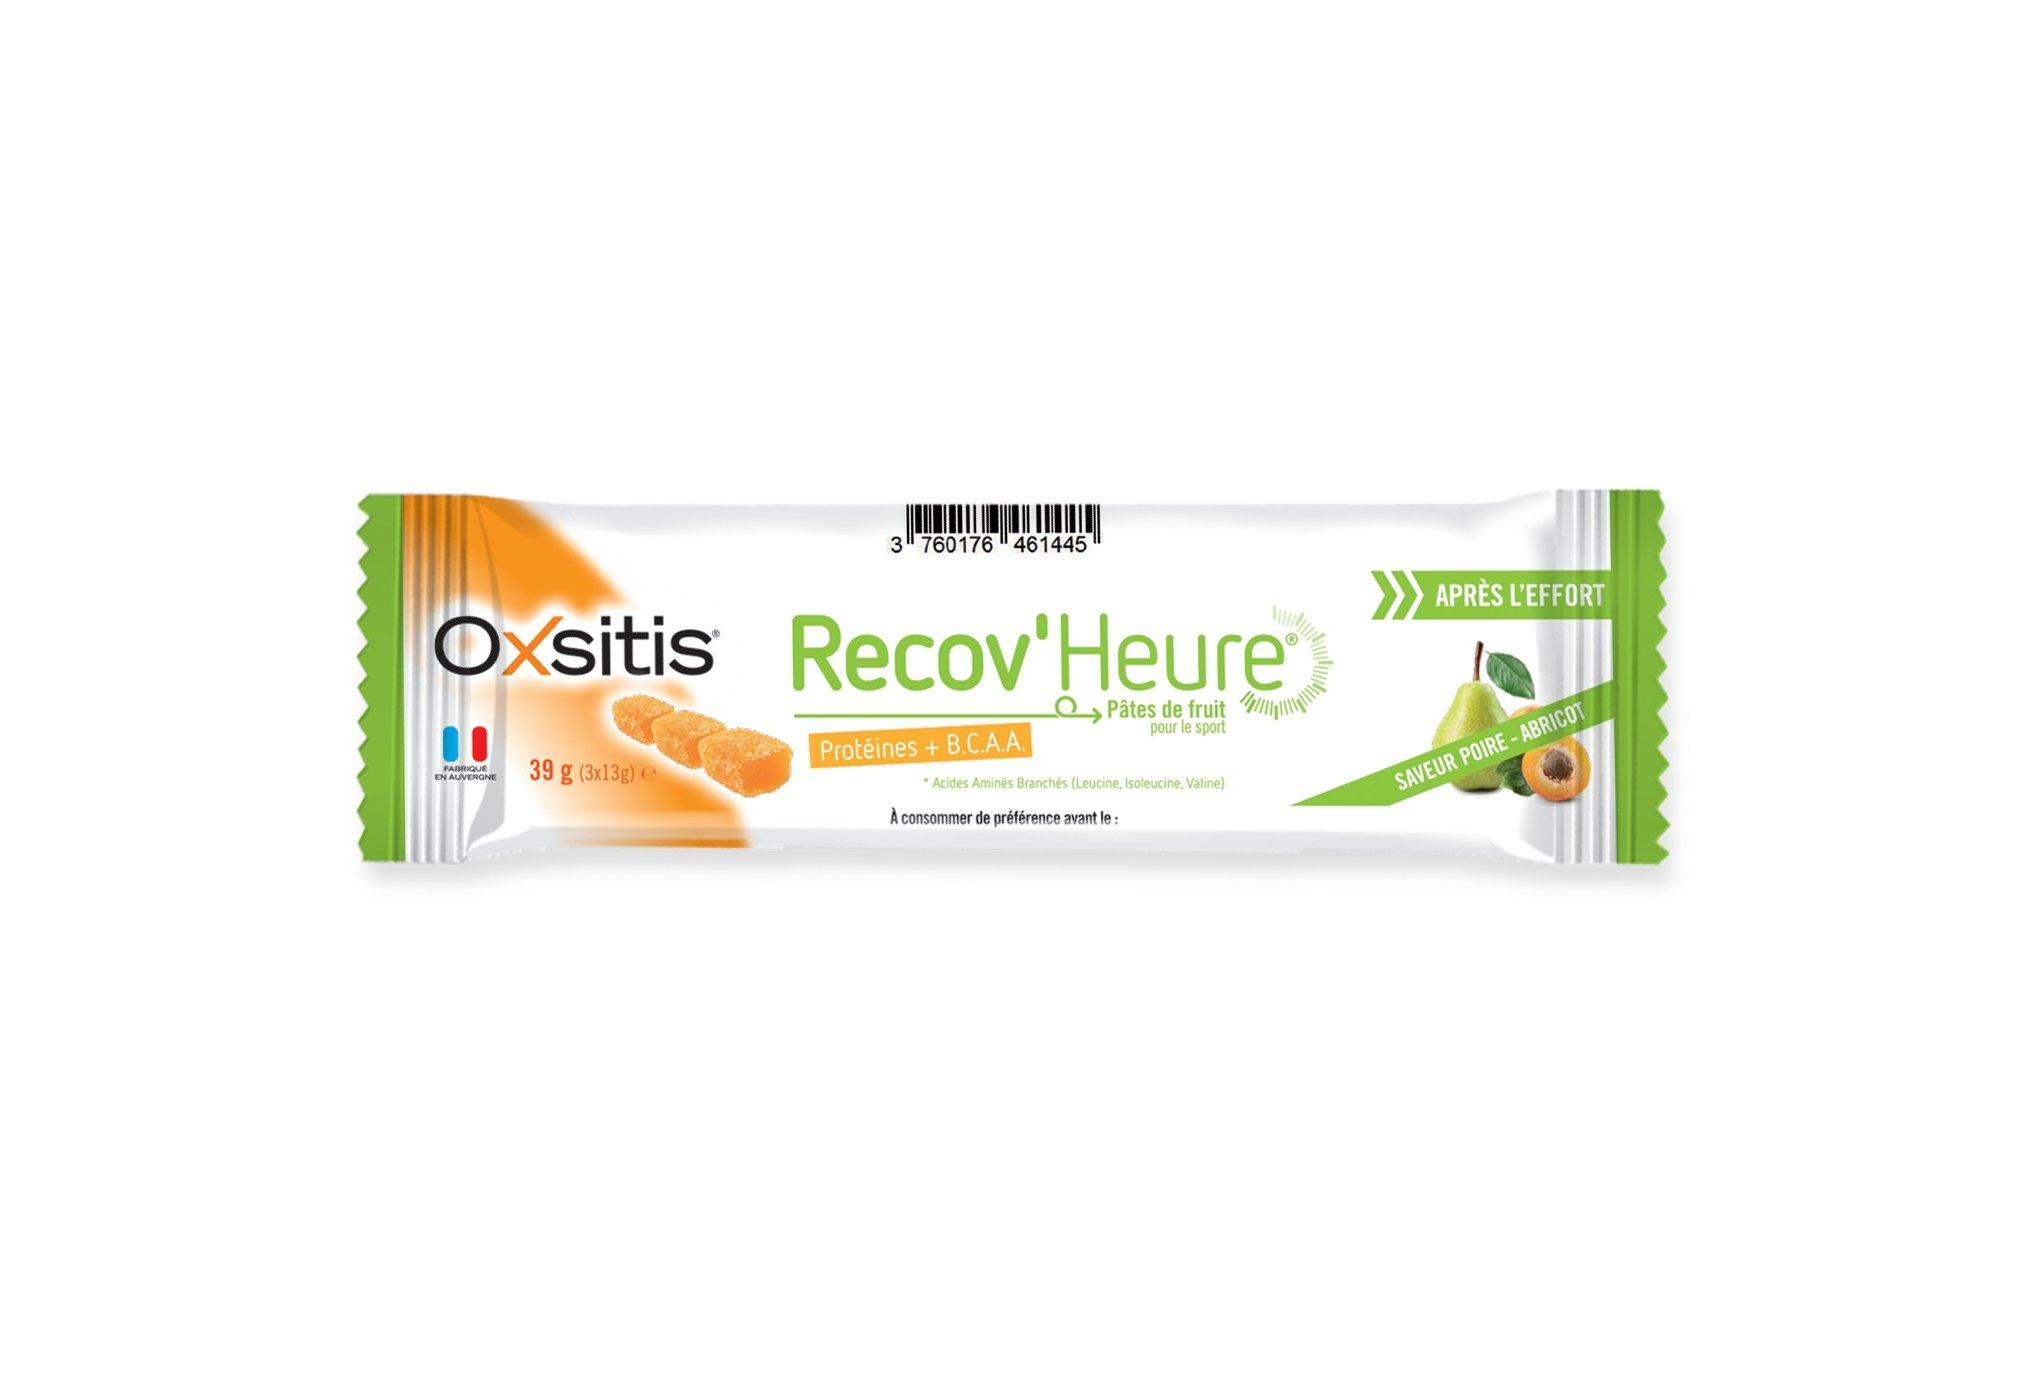 Oxsitis Pâte de Fruits Recov'Heure - Poire/Abricot Diététique Barres